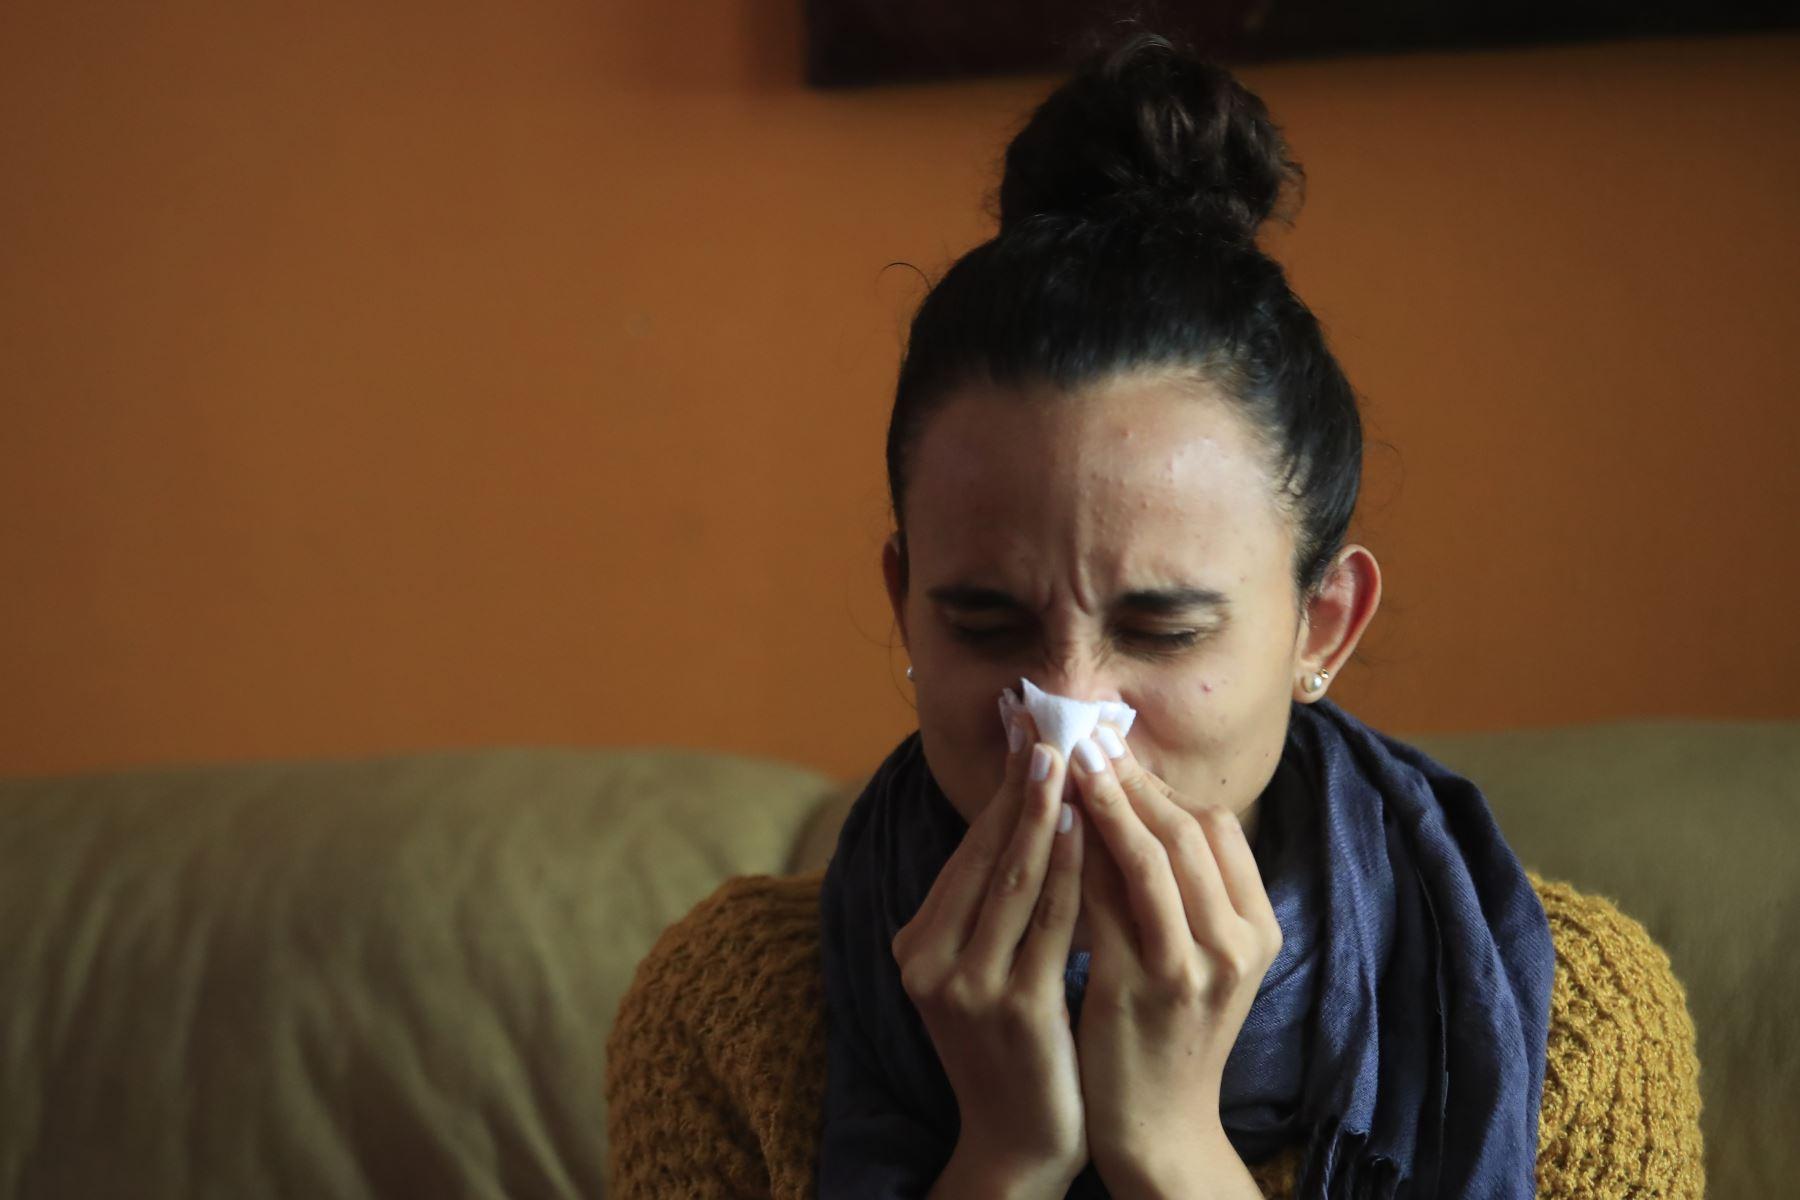 Las señales más frecuentes de contagio por coronavirus (Sars-Cov2), que están apareciendo en esta segunda ola son el dolor de garganta, presencia de una pequeña carraspera, escalofríos leves y calentura; y con la nueva variante del virus, inclusive hay diarrea, informó el infectólogo del INS, Manuel Espinoza. Foto: ANDINA/Andina